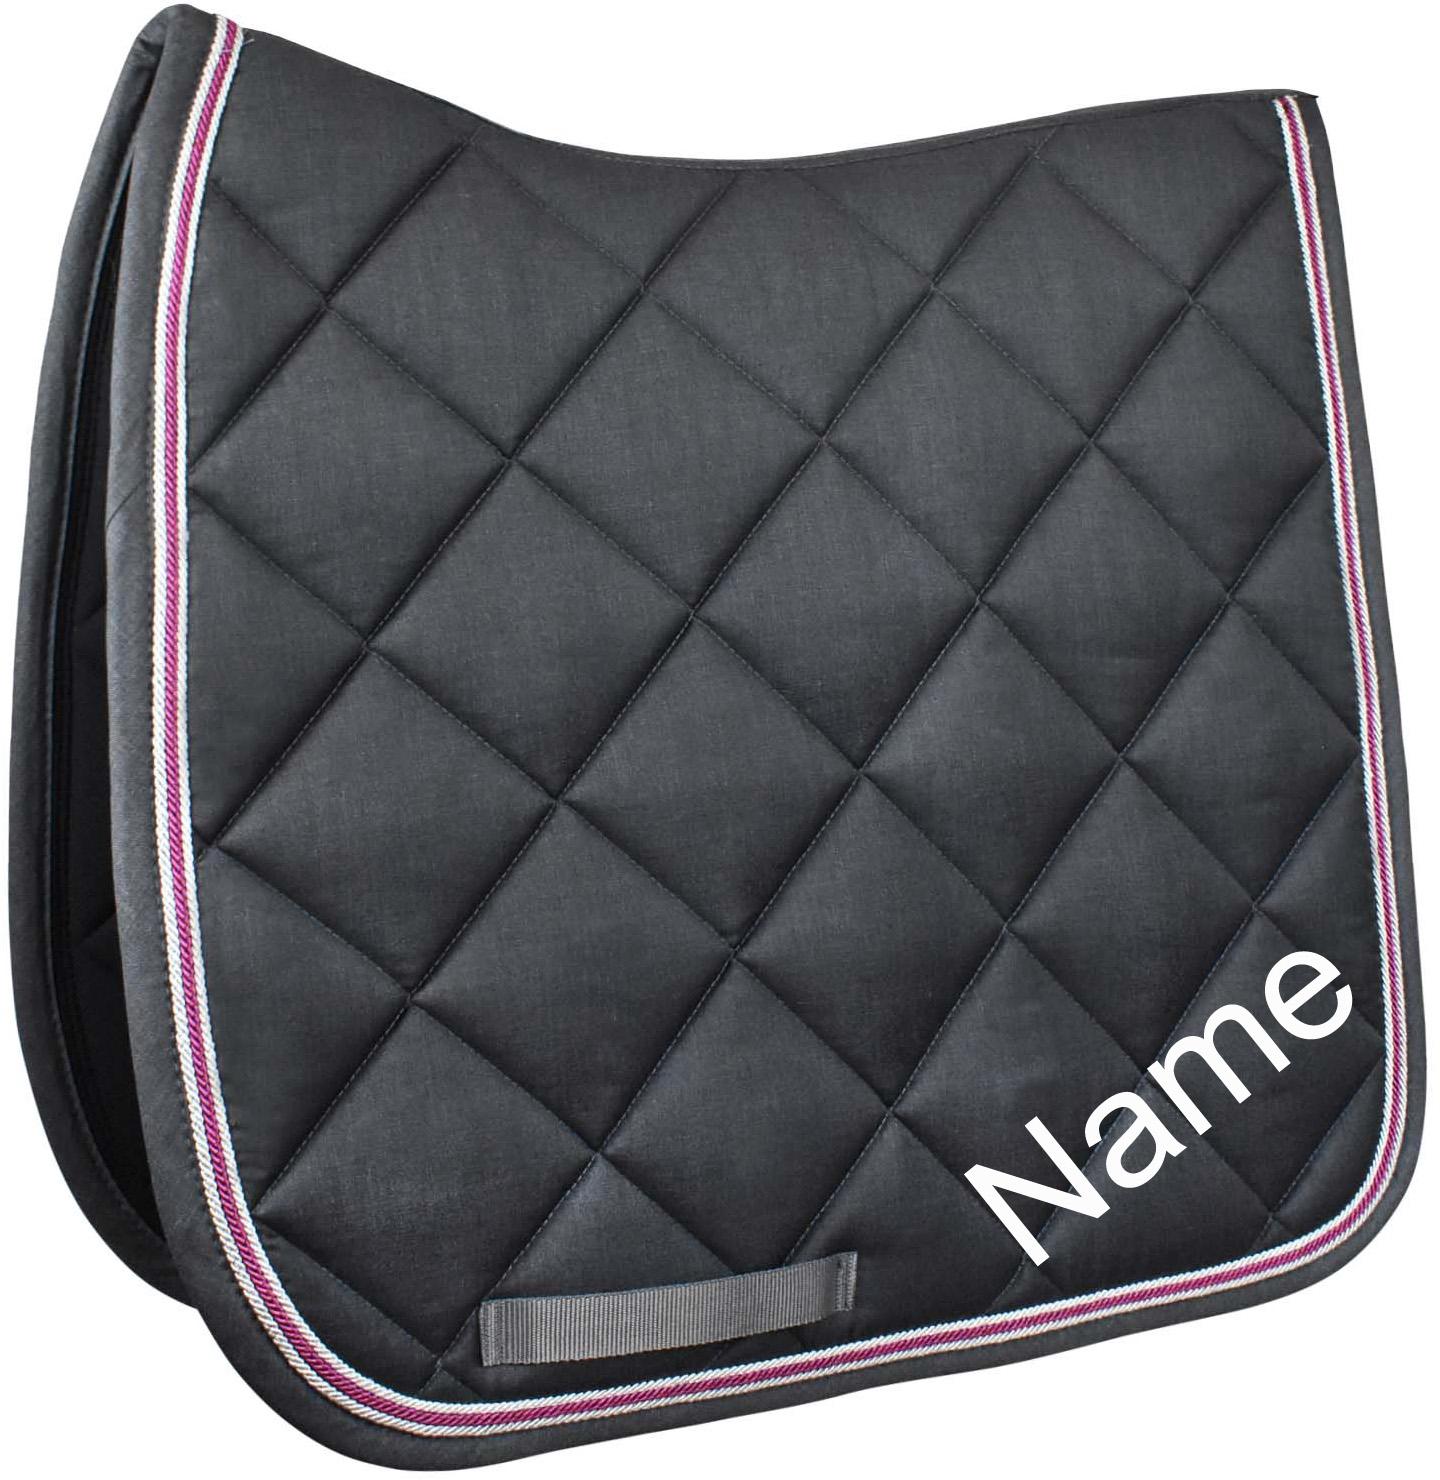 Esperado Dressur Schabracke Blazer anthrazit-melange/pink inkl. individuellem Namen bestickt